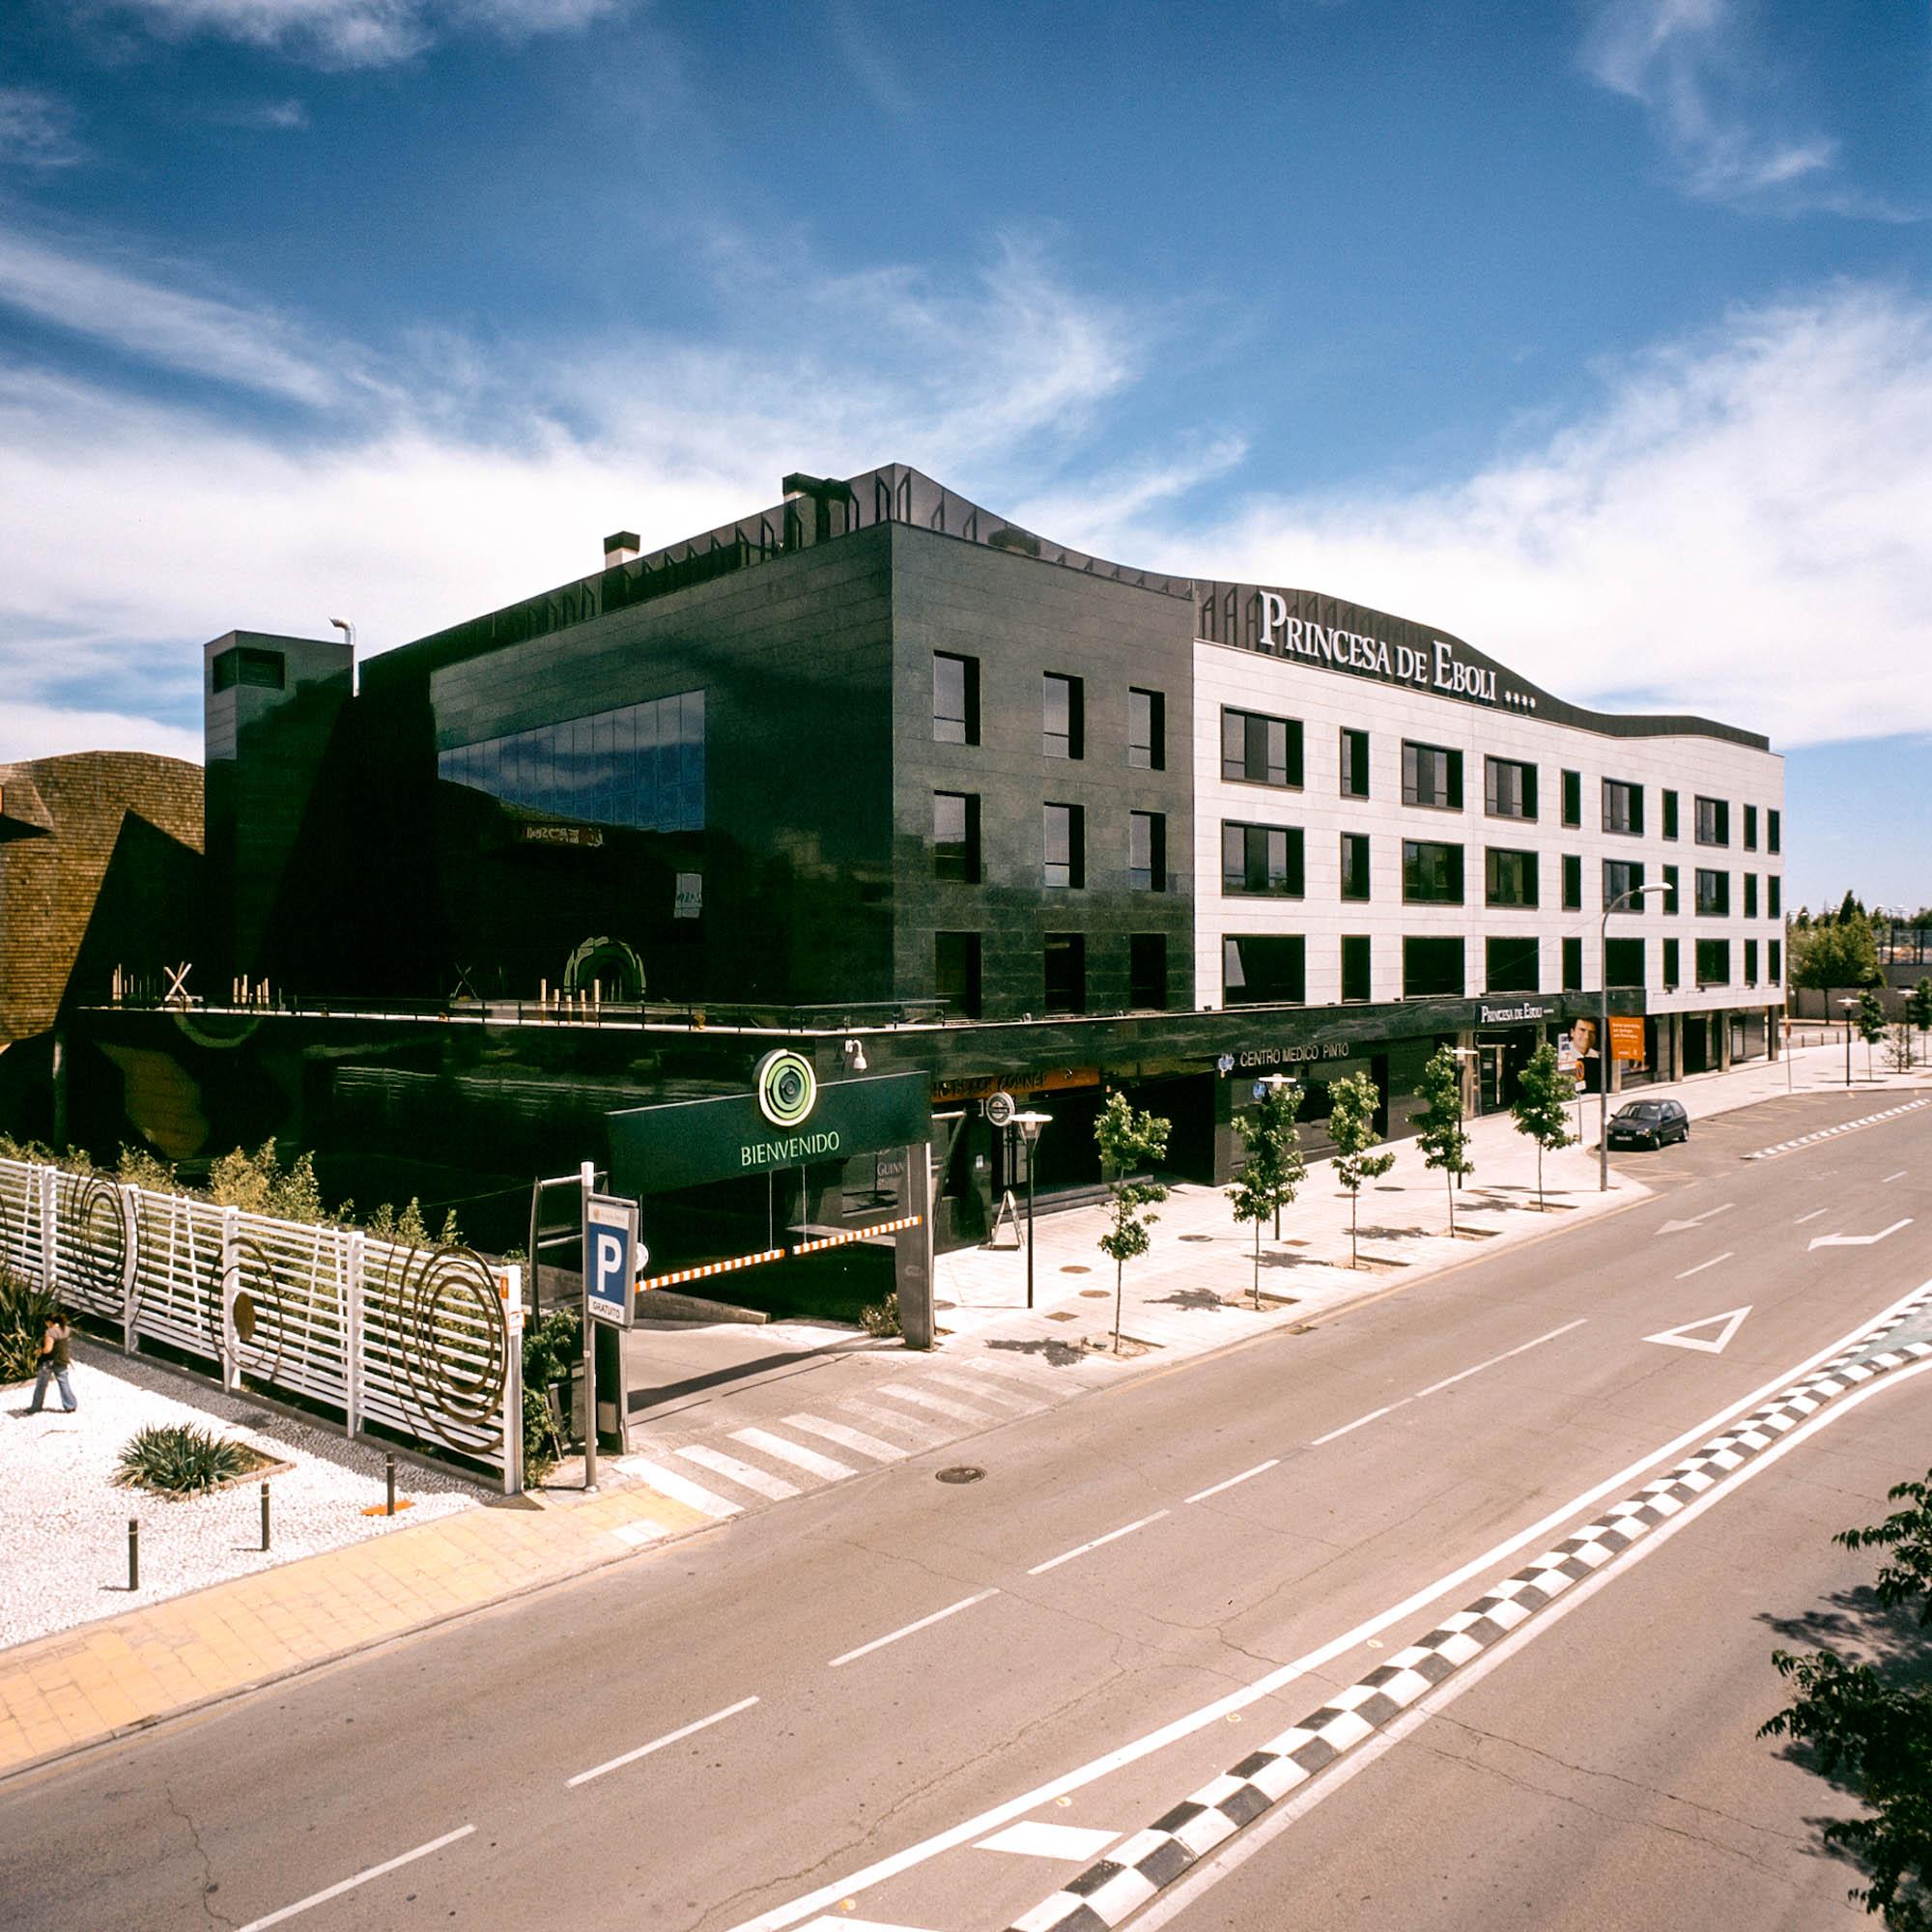 Edificio de Apartahotel Princesa de Eboli y Oficinas